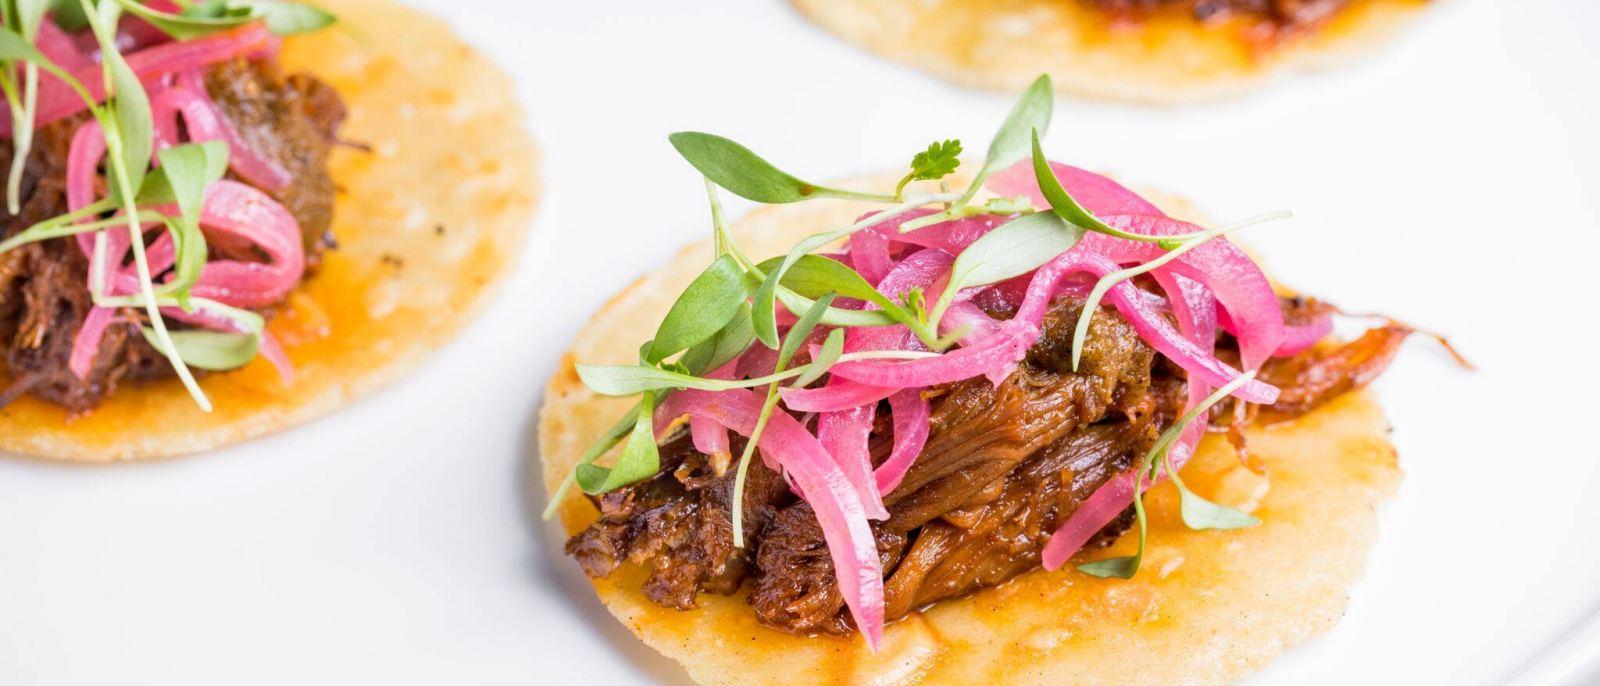 Lamb neck tacos at Woodley Proper